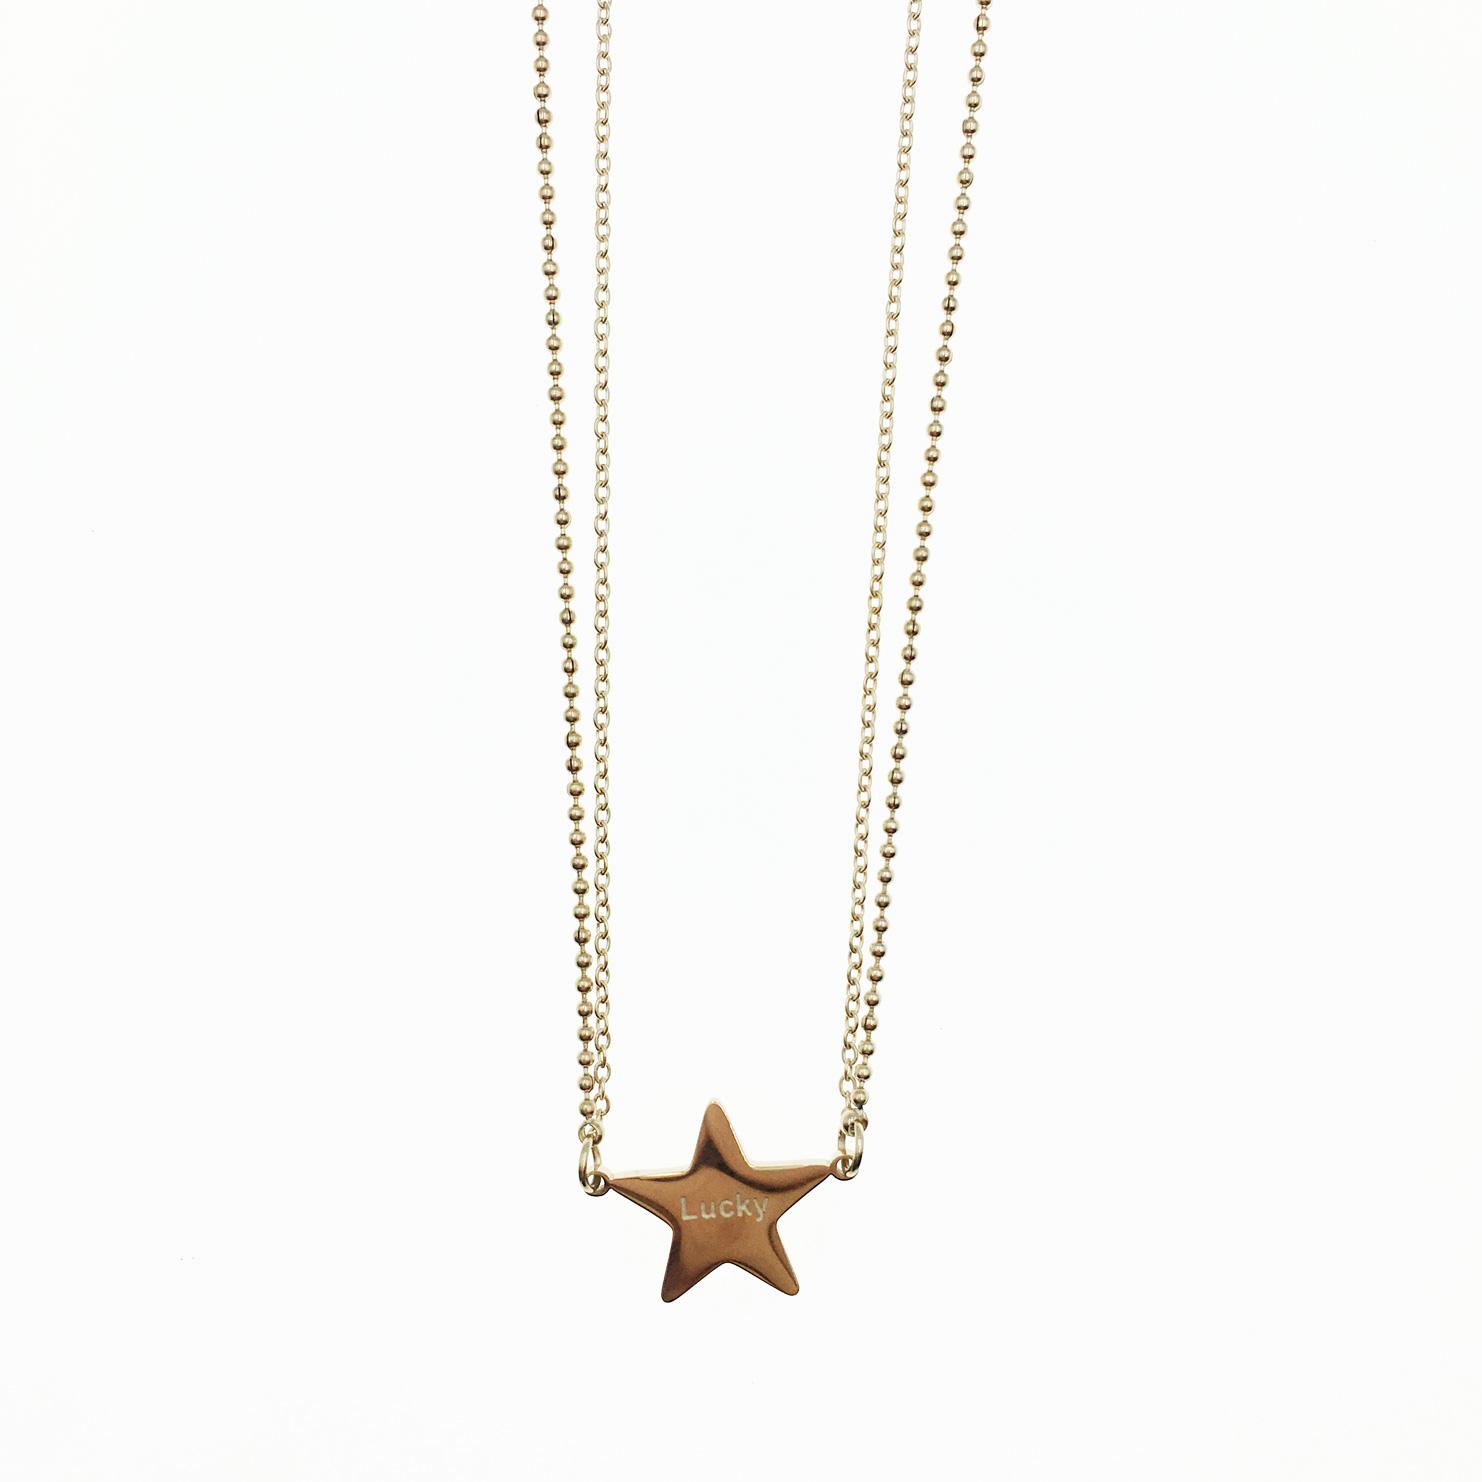 韓國 不鏽鋼 星星 Lucky 玫瑰金 項鍊